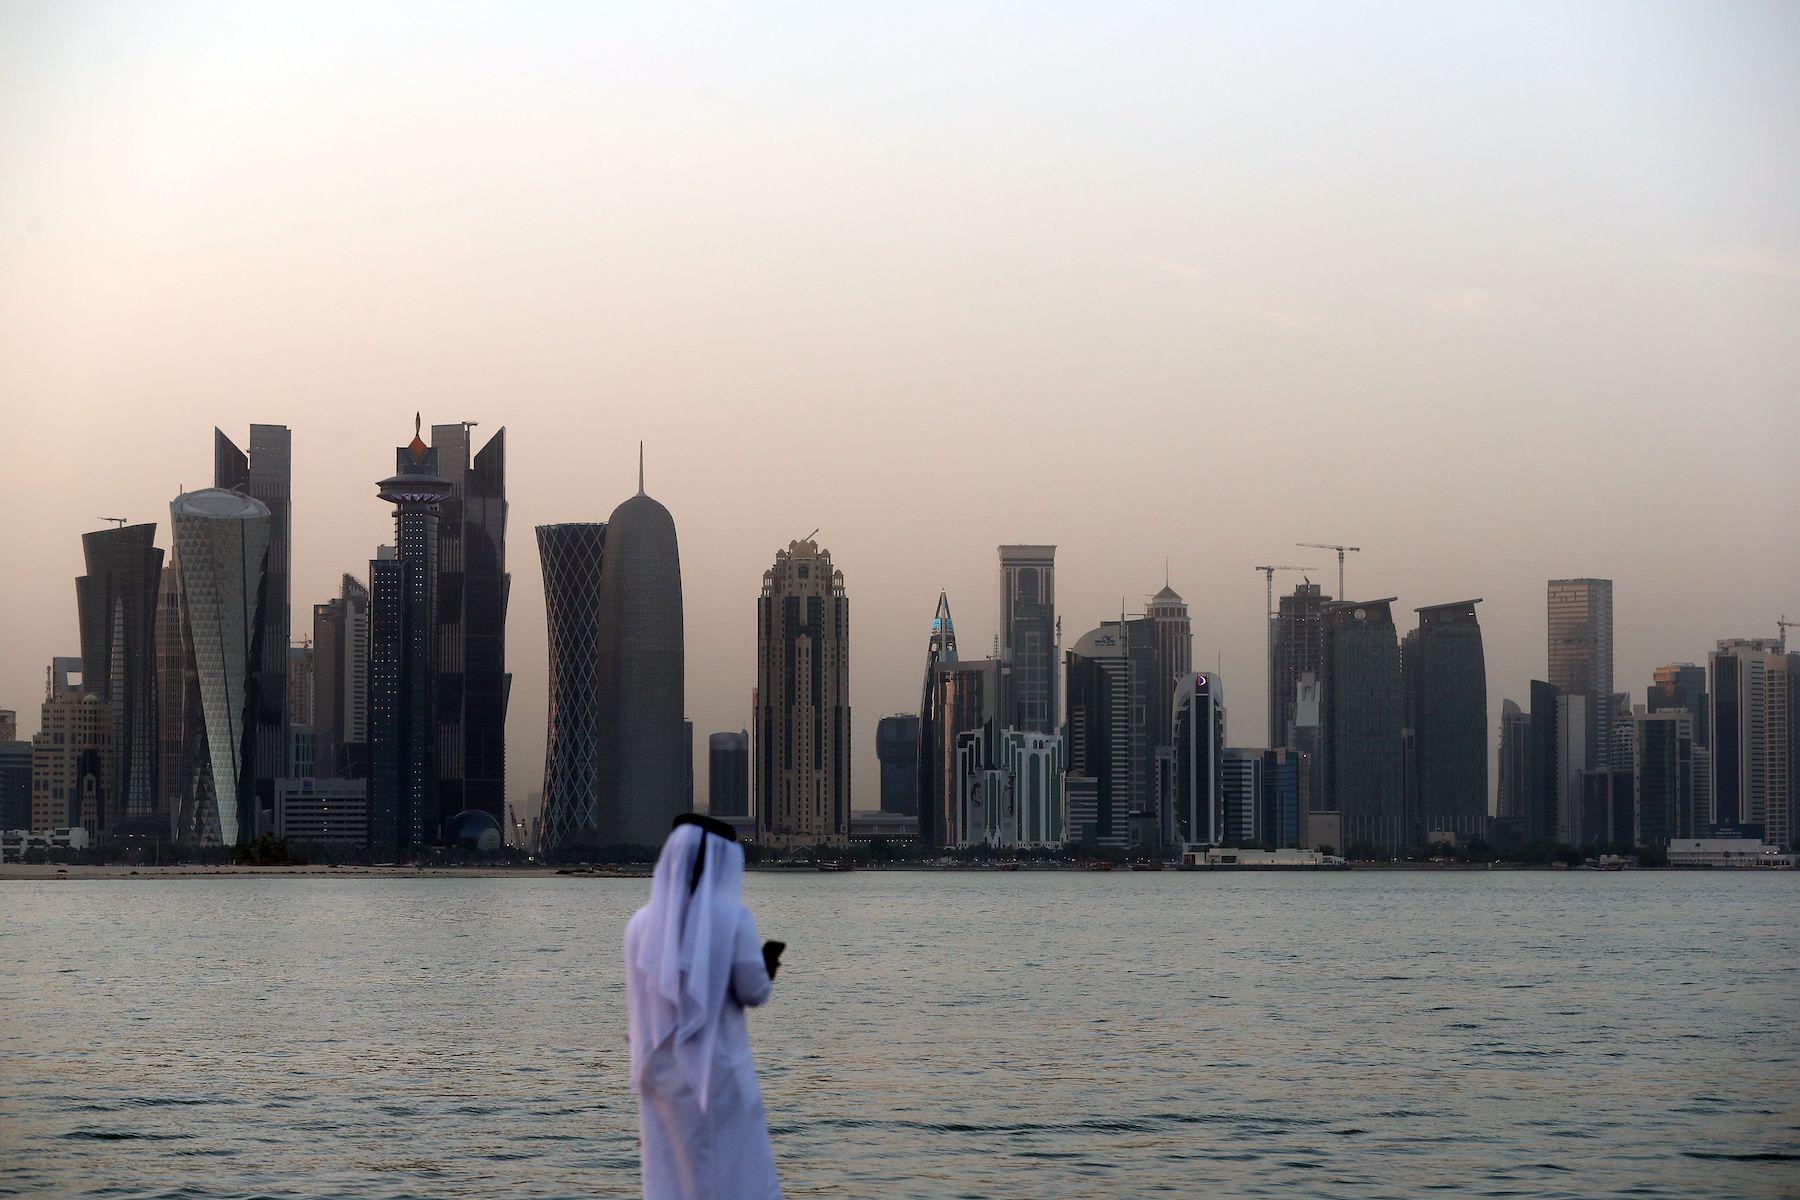 Il Qatar usa l'aria condizionata anche per raffreddare ambienti esterni